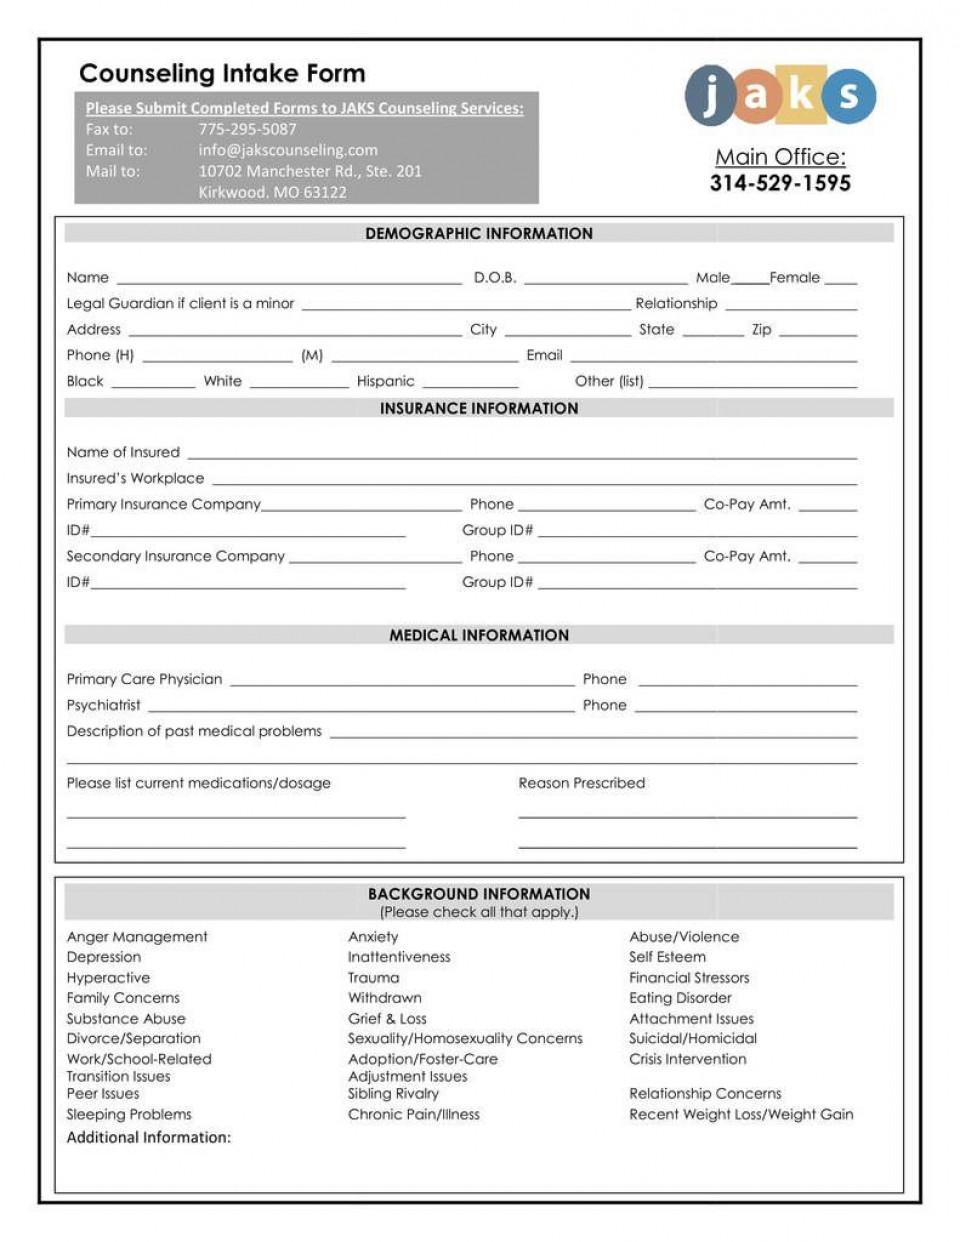 006 Simple Drug Test Result Form Template Sample  Free960